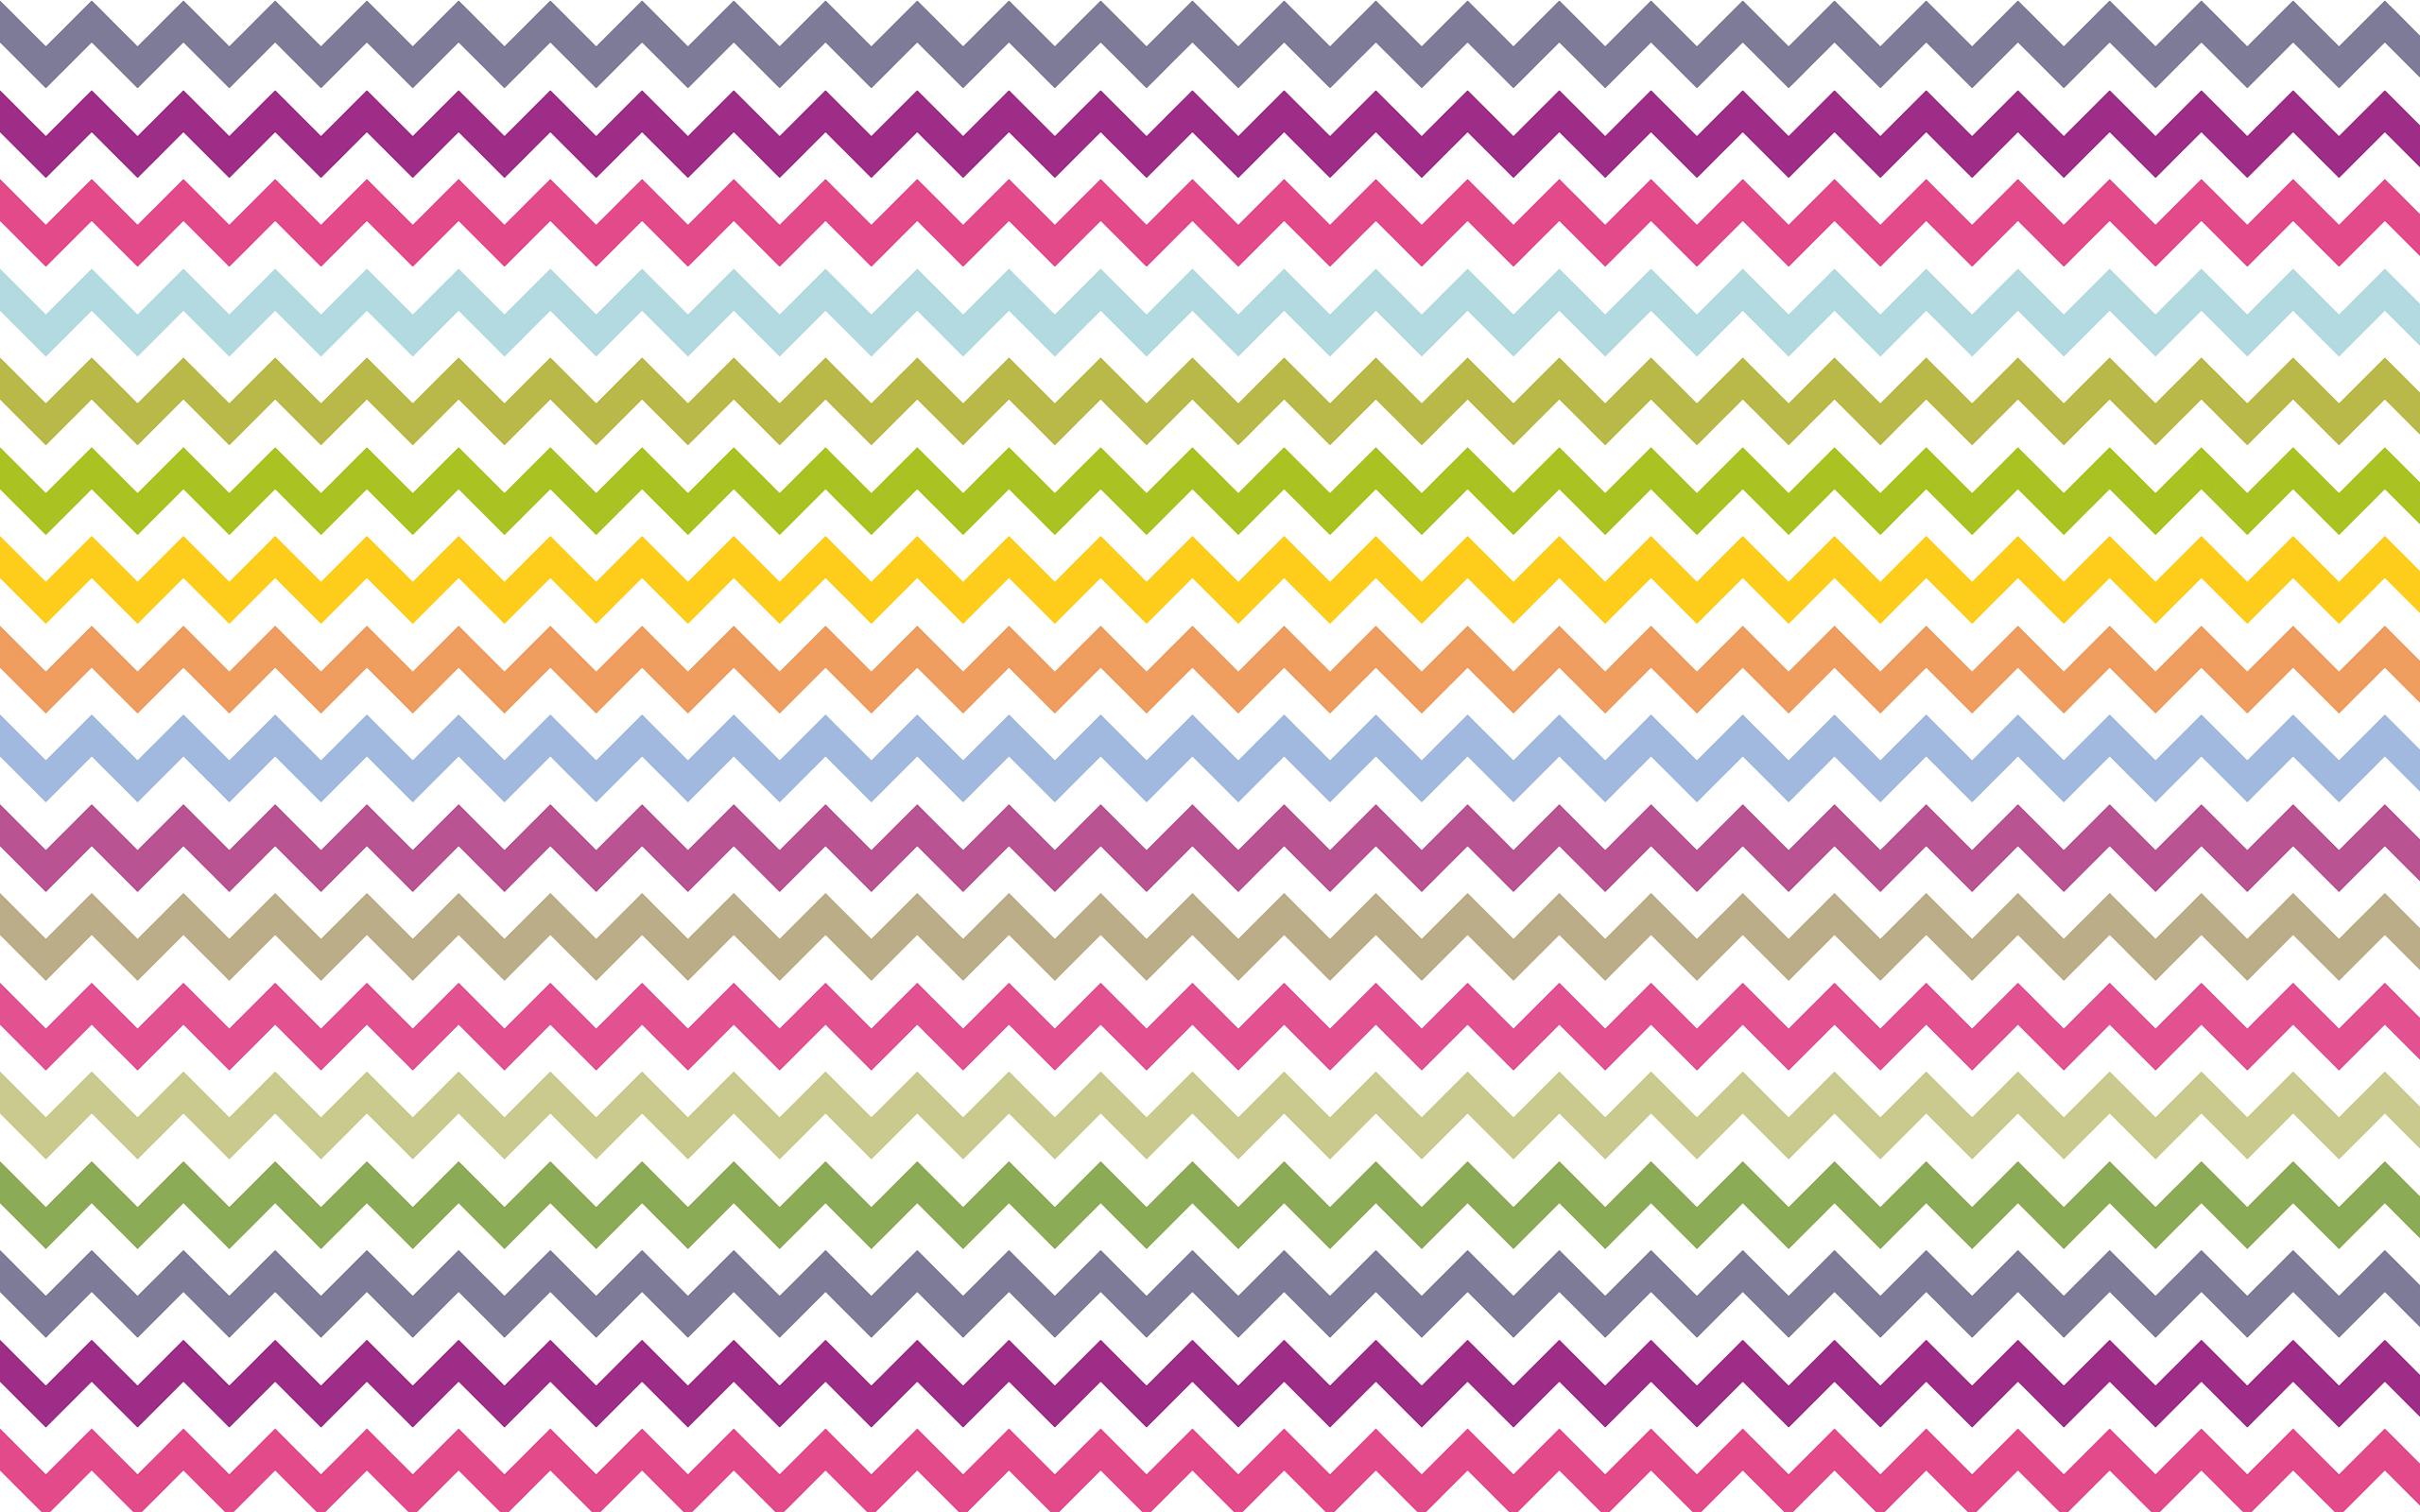 chevron 2 560 1 600 pixels happy pins